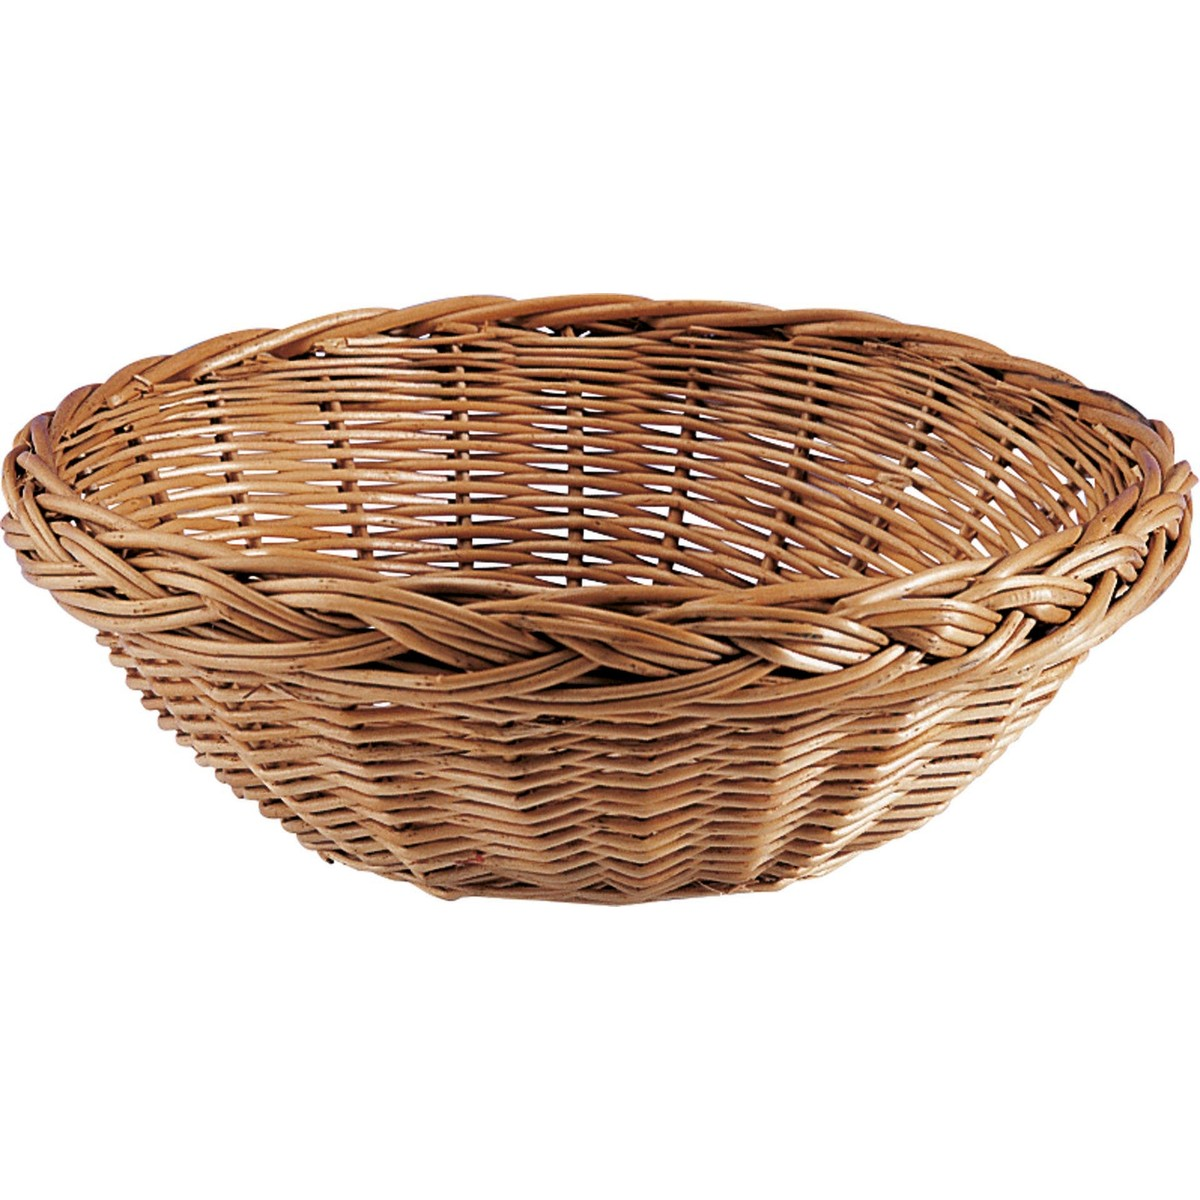 Brot-/Servierkorb, Weide rund